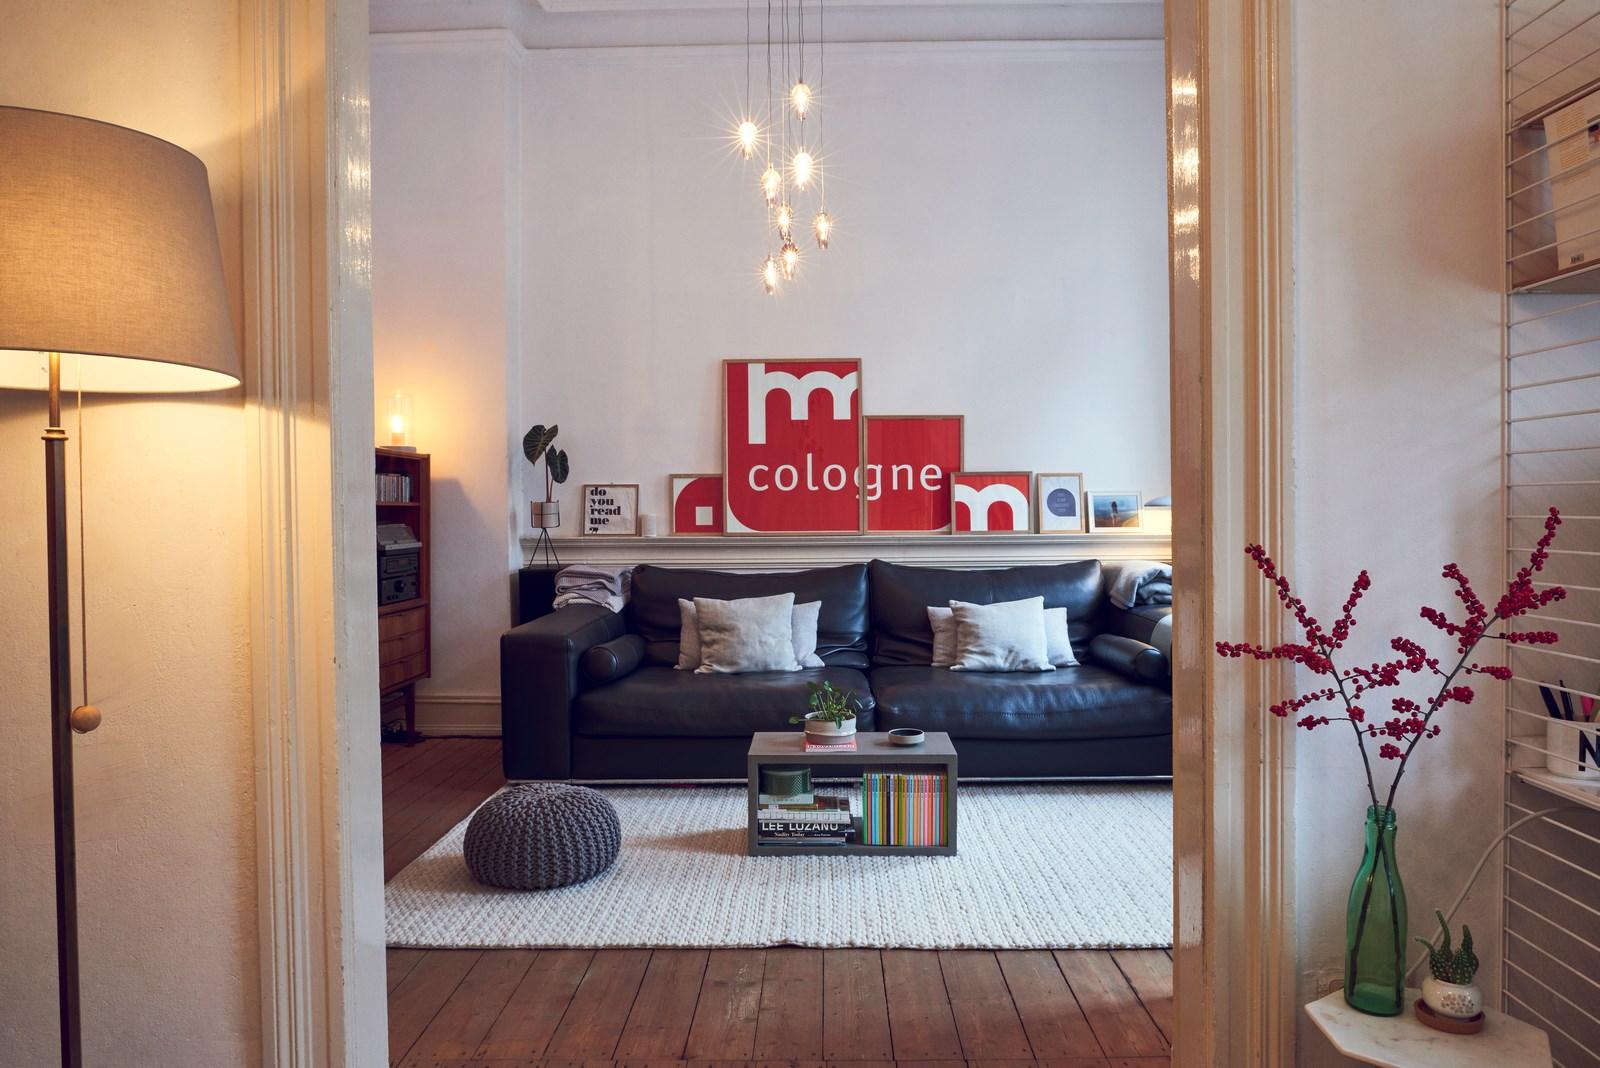 Del 15 al 21 de enero 2018, en la feria internacional del mueble y la decoración imm cologne, de Colonia, más de 1.200 protagonistas del sector, creadores de tendencias y recién llegados creativos de 50 países mostraron las tendencias del año.